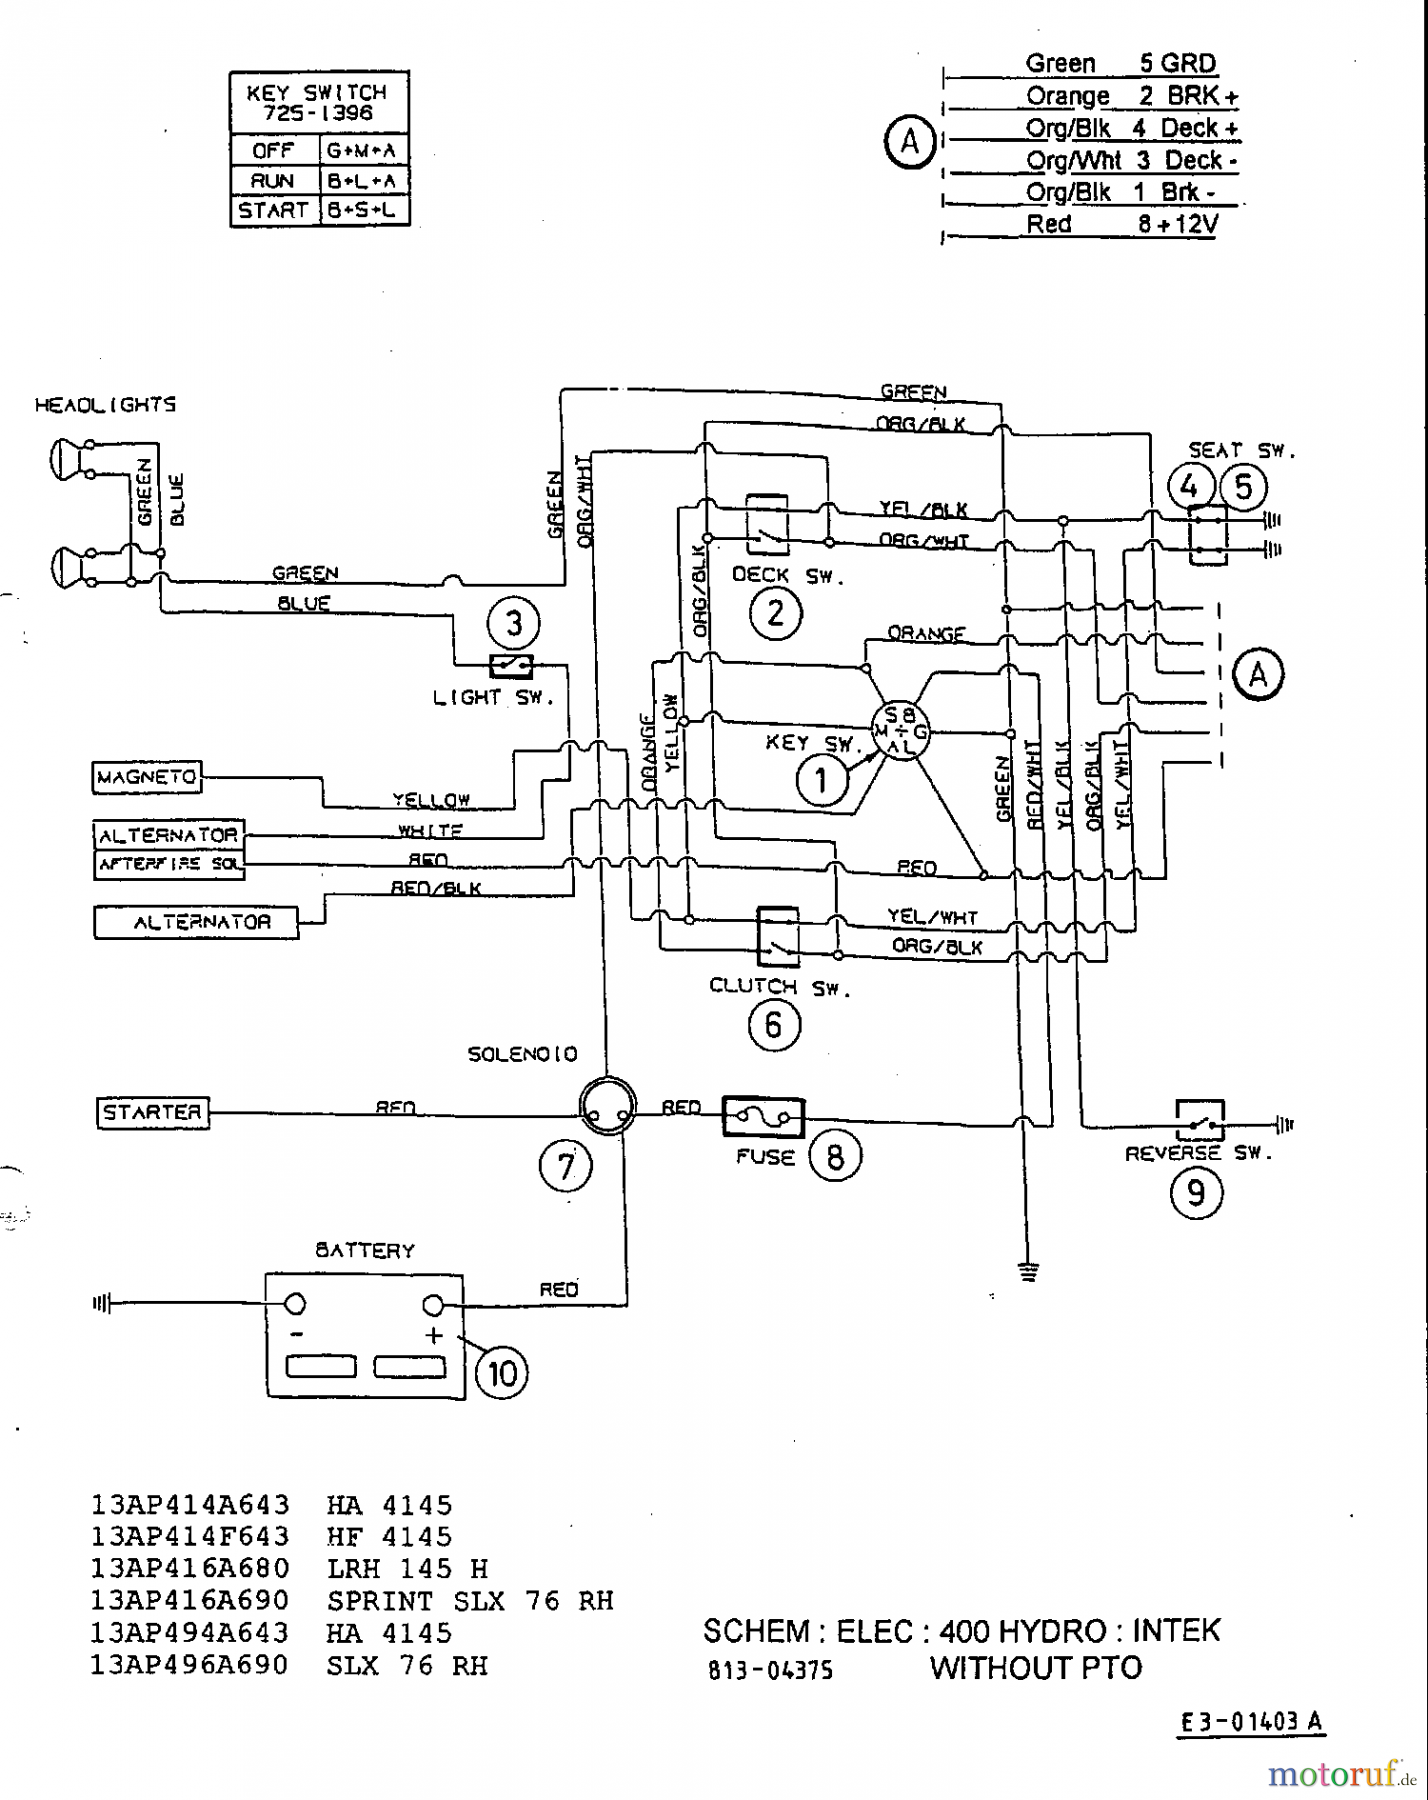 Peachy Detailed Wiring Diagrams Wiring Library Wiring Cloud Orsalboapumohammedshrineorg